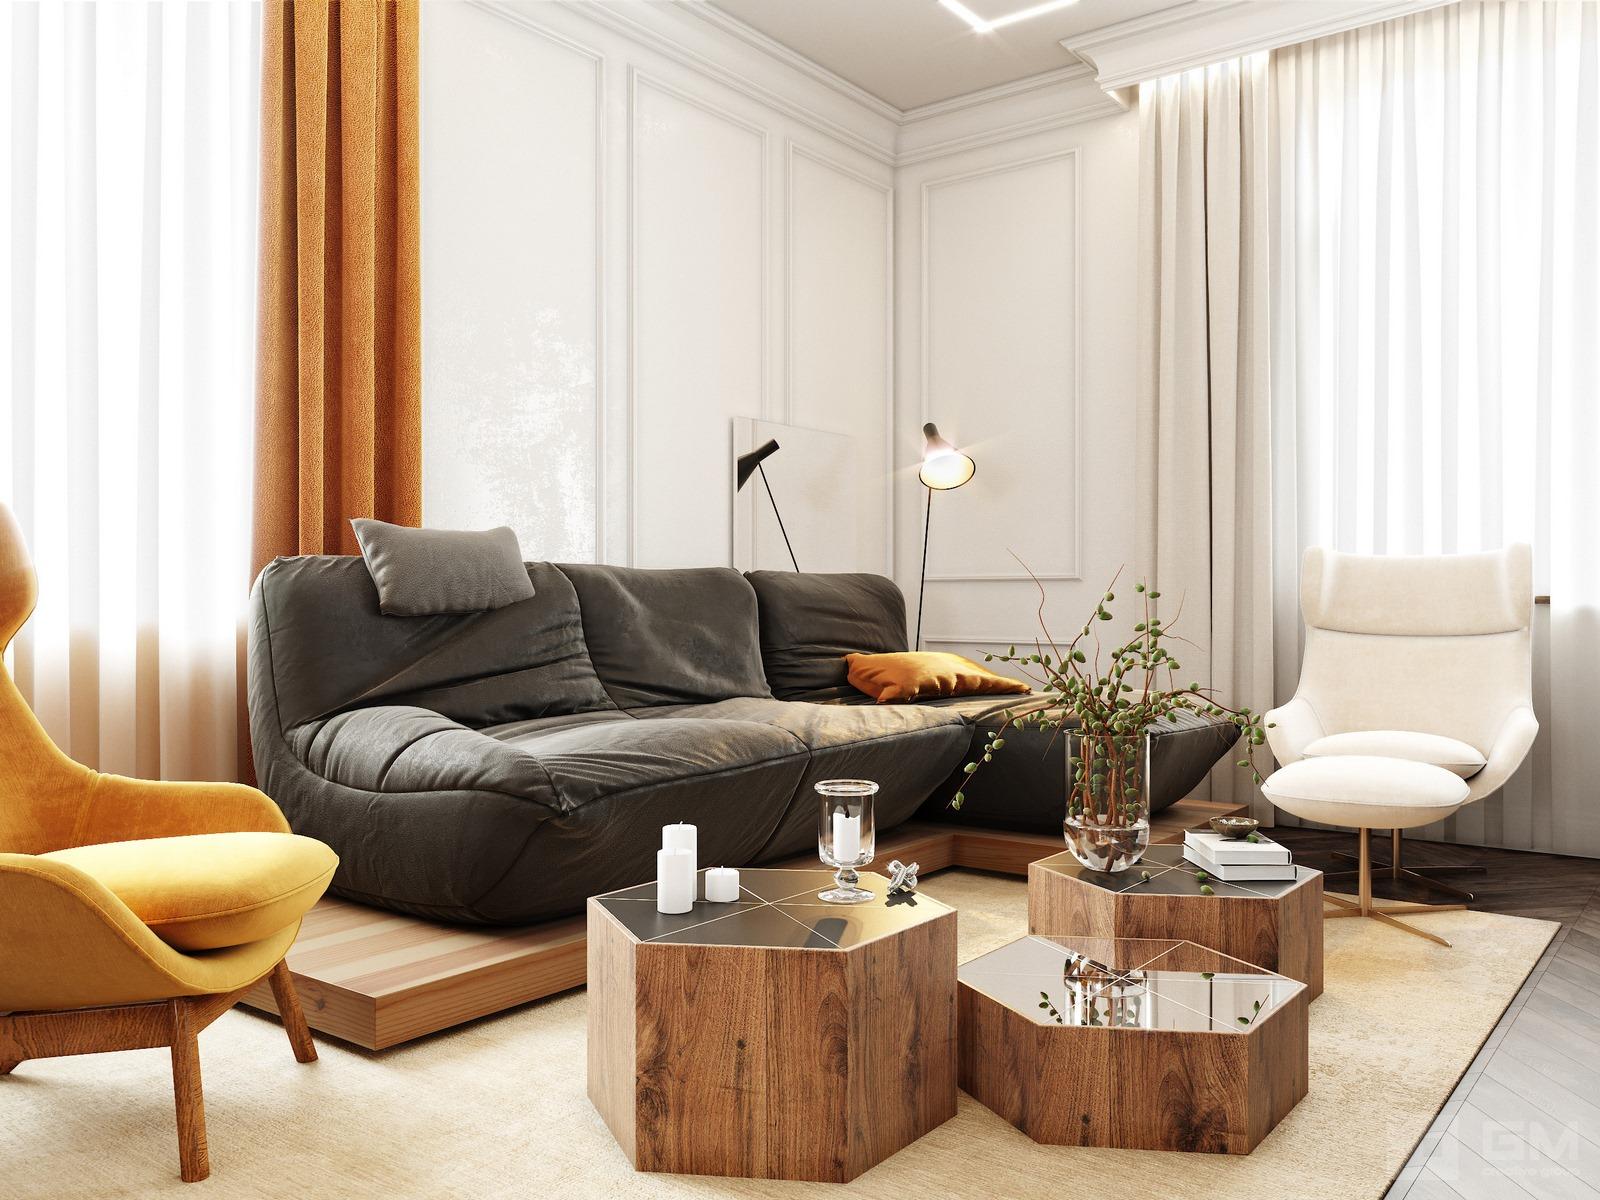 Уникальный дизайн дома в теплых и жизнерадостных тонах цветов шафрана от студии дизайна GM-INTERIOR